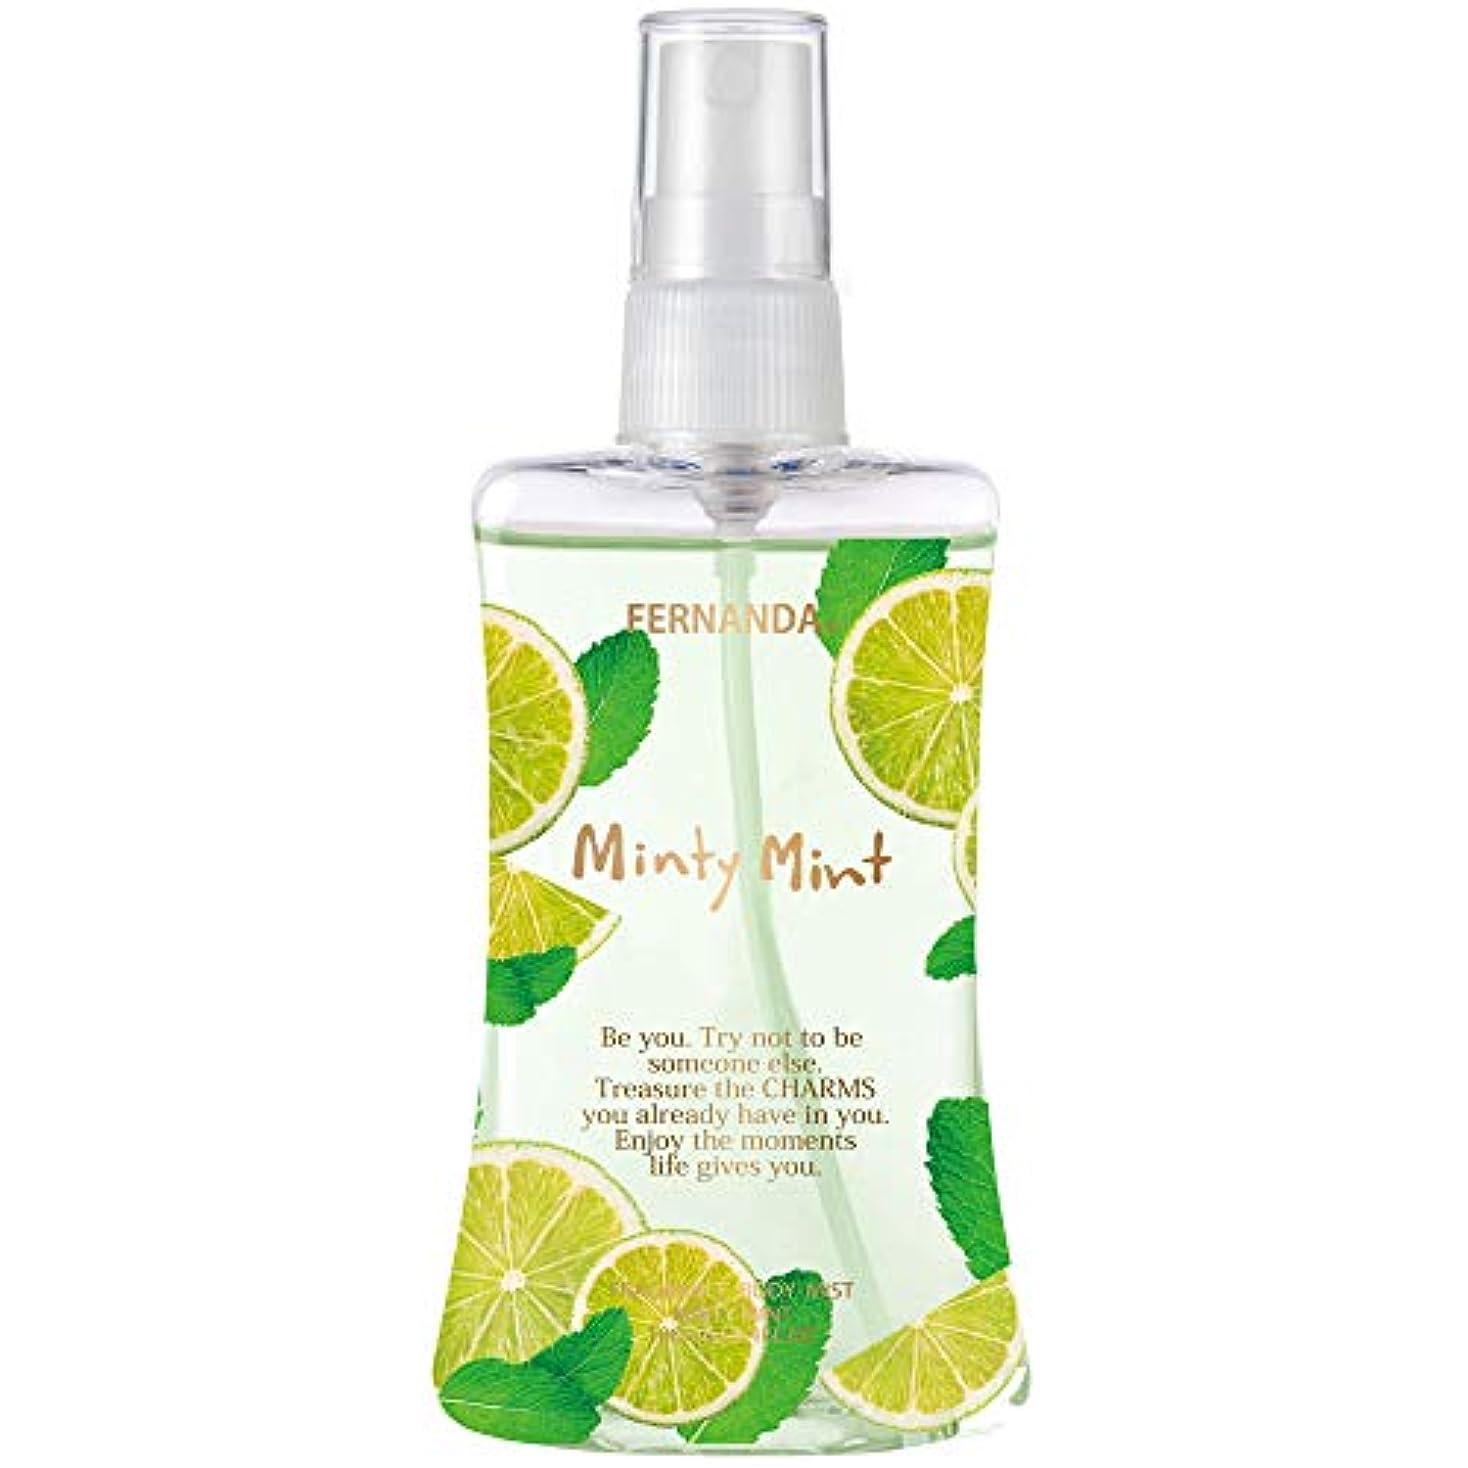 ラウンジマーチャンダイジング友情FERNANDA(フェルナンダ) Body Mist Minty Mint (ボディミスト ミンティミント)